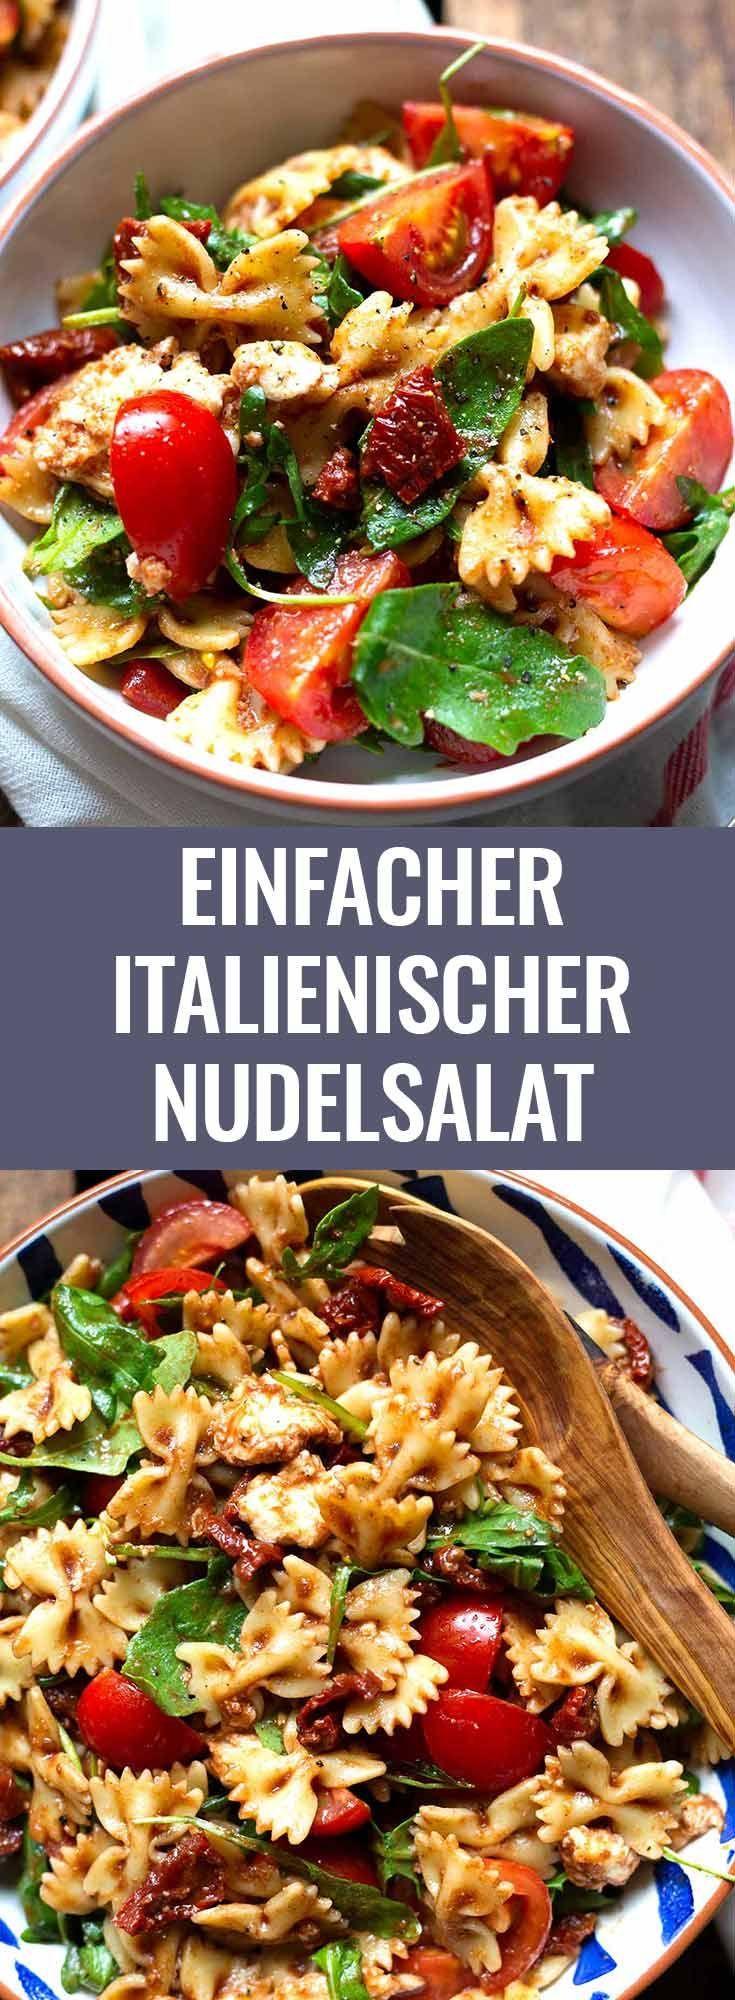 Nudelsalat mit Tomaten, Rucola und Mozzarella Einfacher italienischer Nudelsalat mit Rucola, getrockneten Tomaten und Mozzarella. Dieses 20-Minuten Rezept ist schnell und immer als erstes weg. - Einfacher italienischer Nudelsalat mit Rucola, getrockneten Tomaten und Mozzarella. Dieses 20-Minuten Rezept ist schnell u...